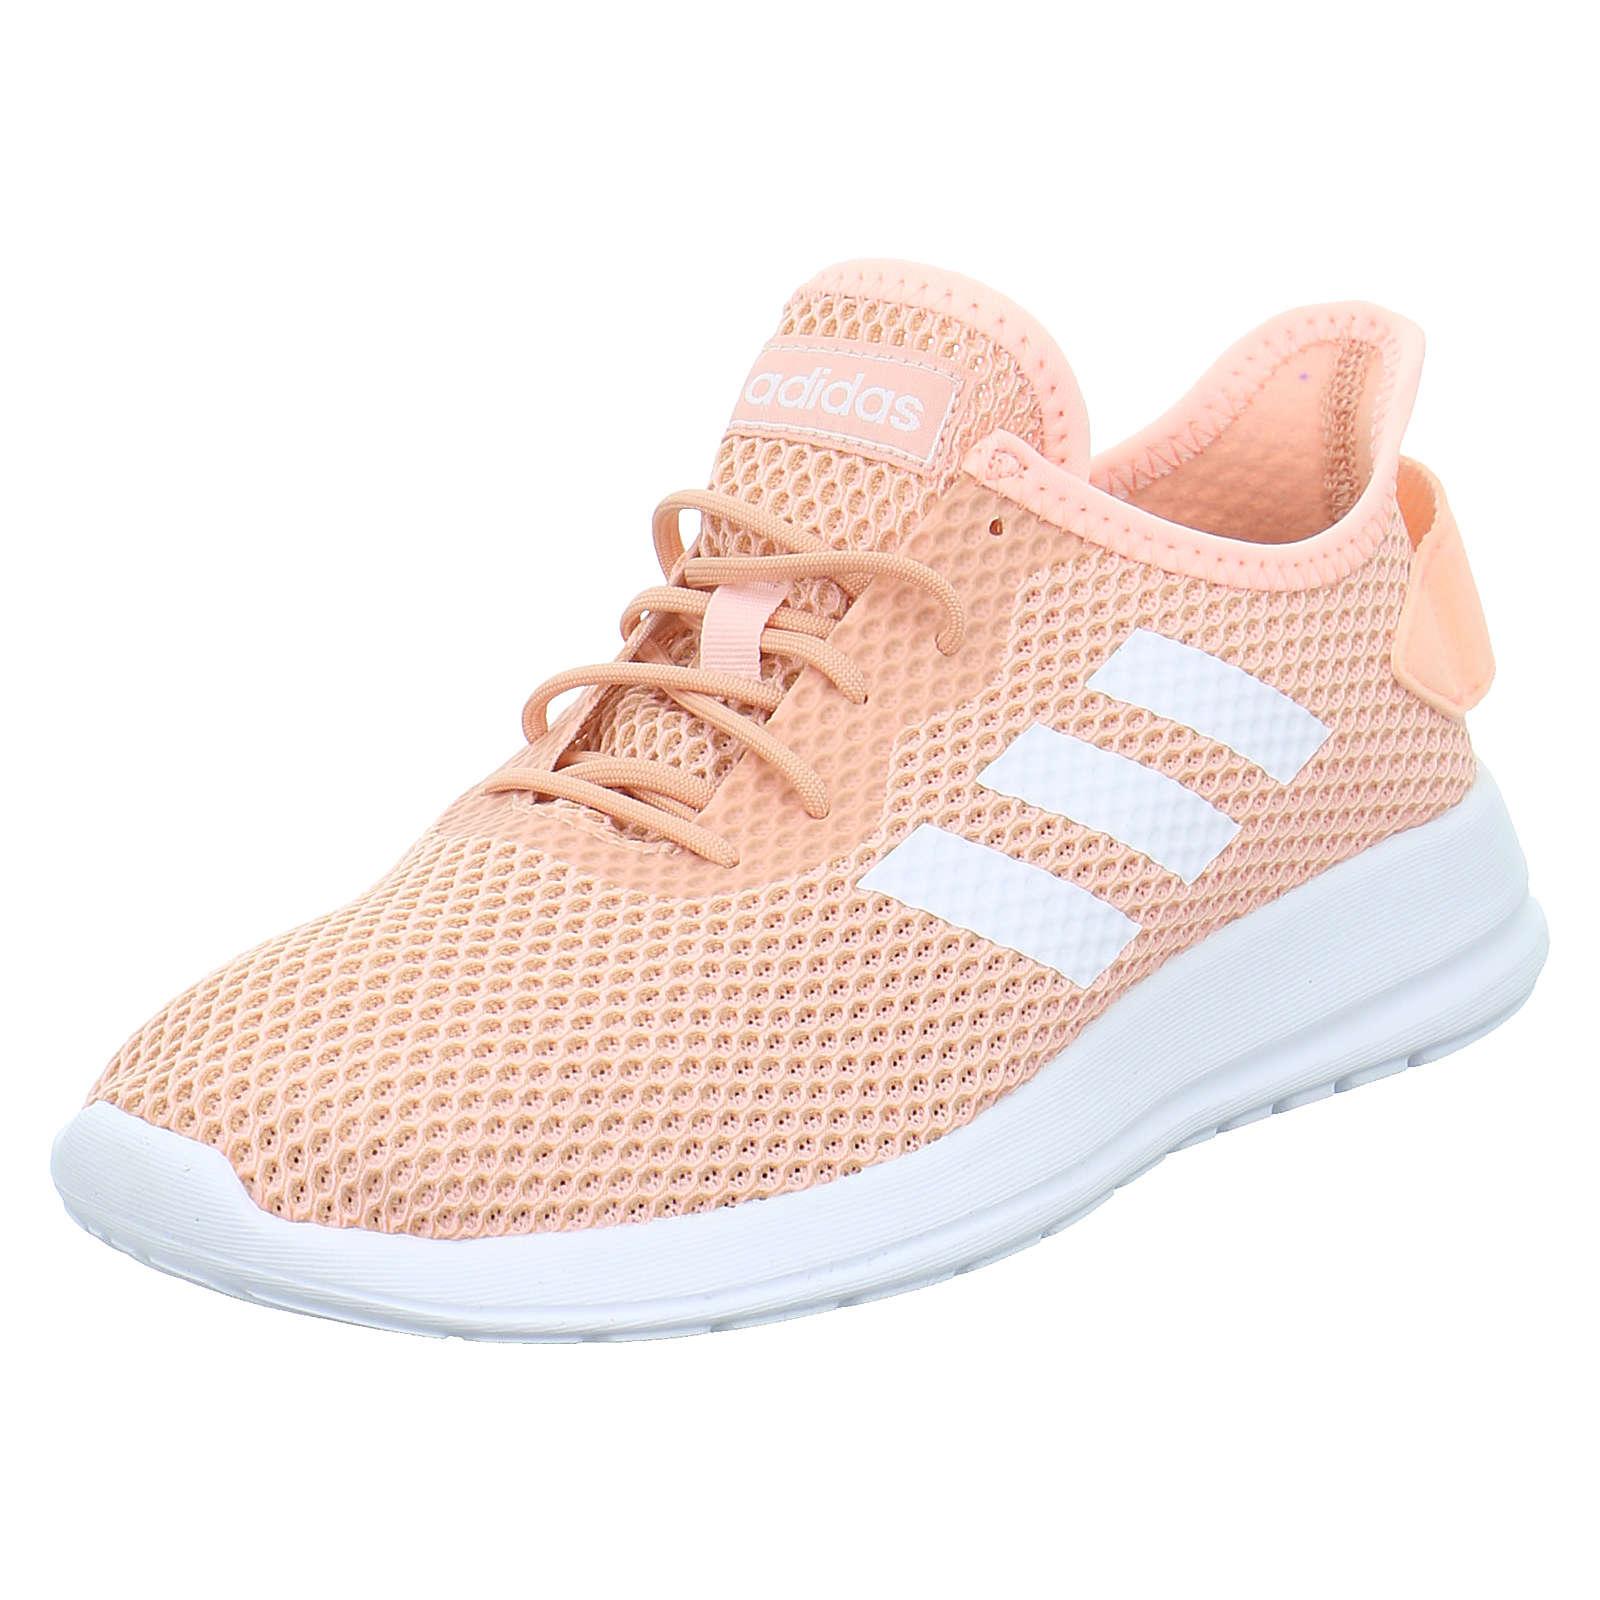 adidas Originals Sneaker Low YATRA Sneakers Low rosa Damen Gr. 40